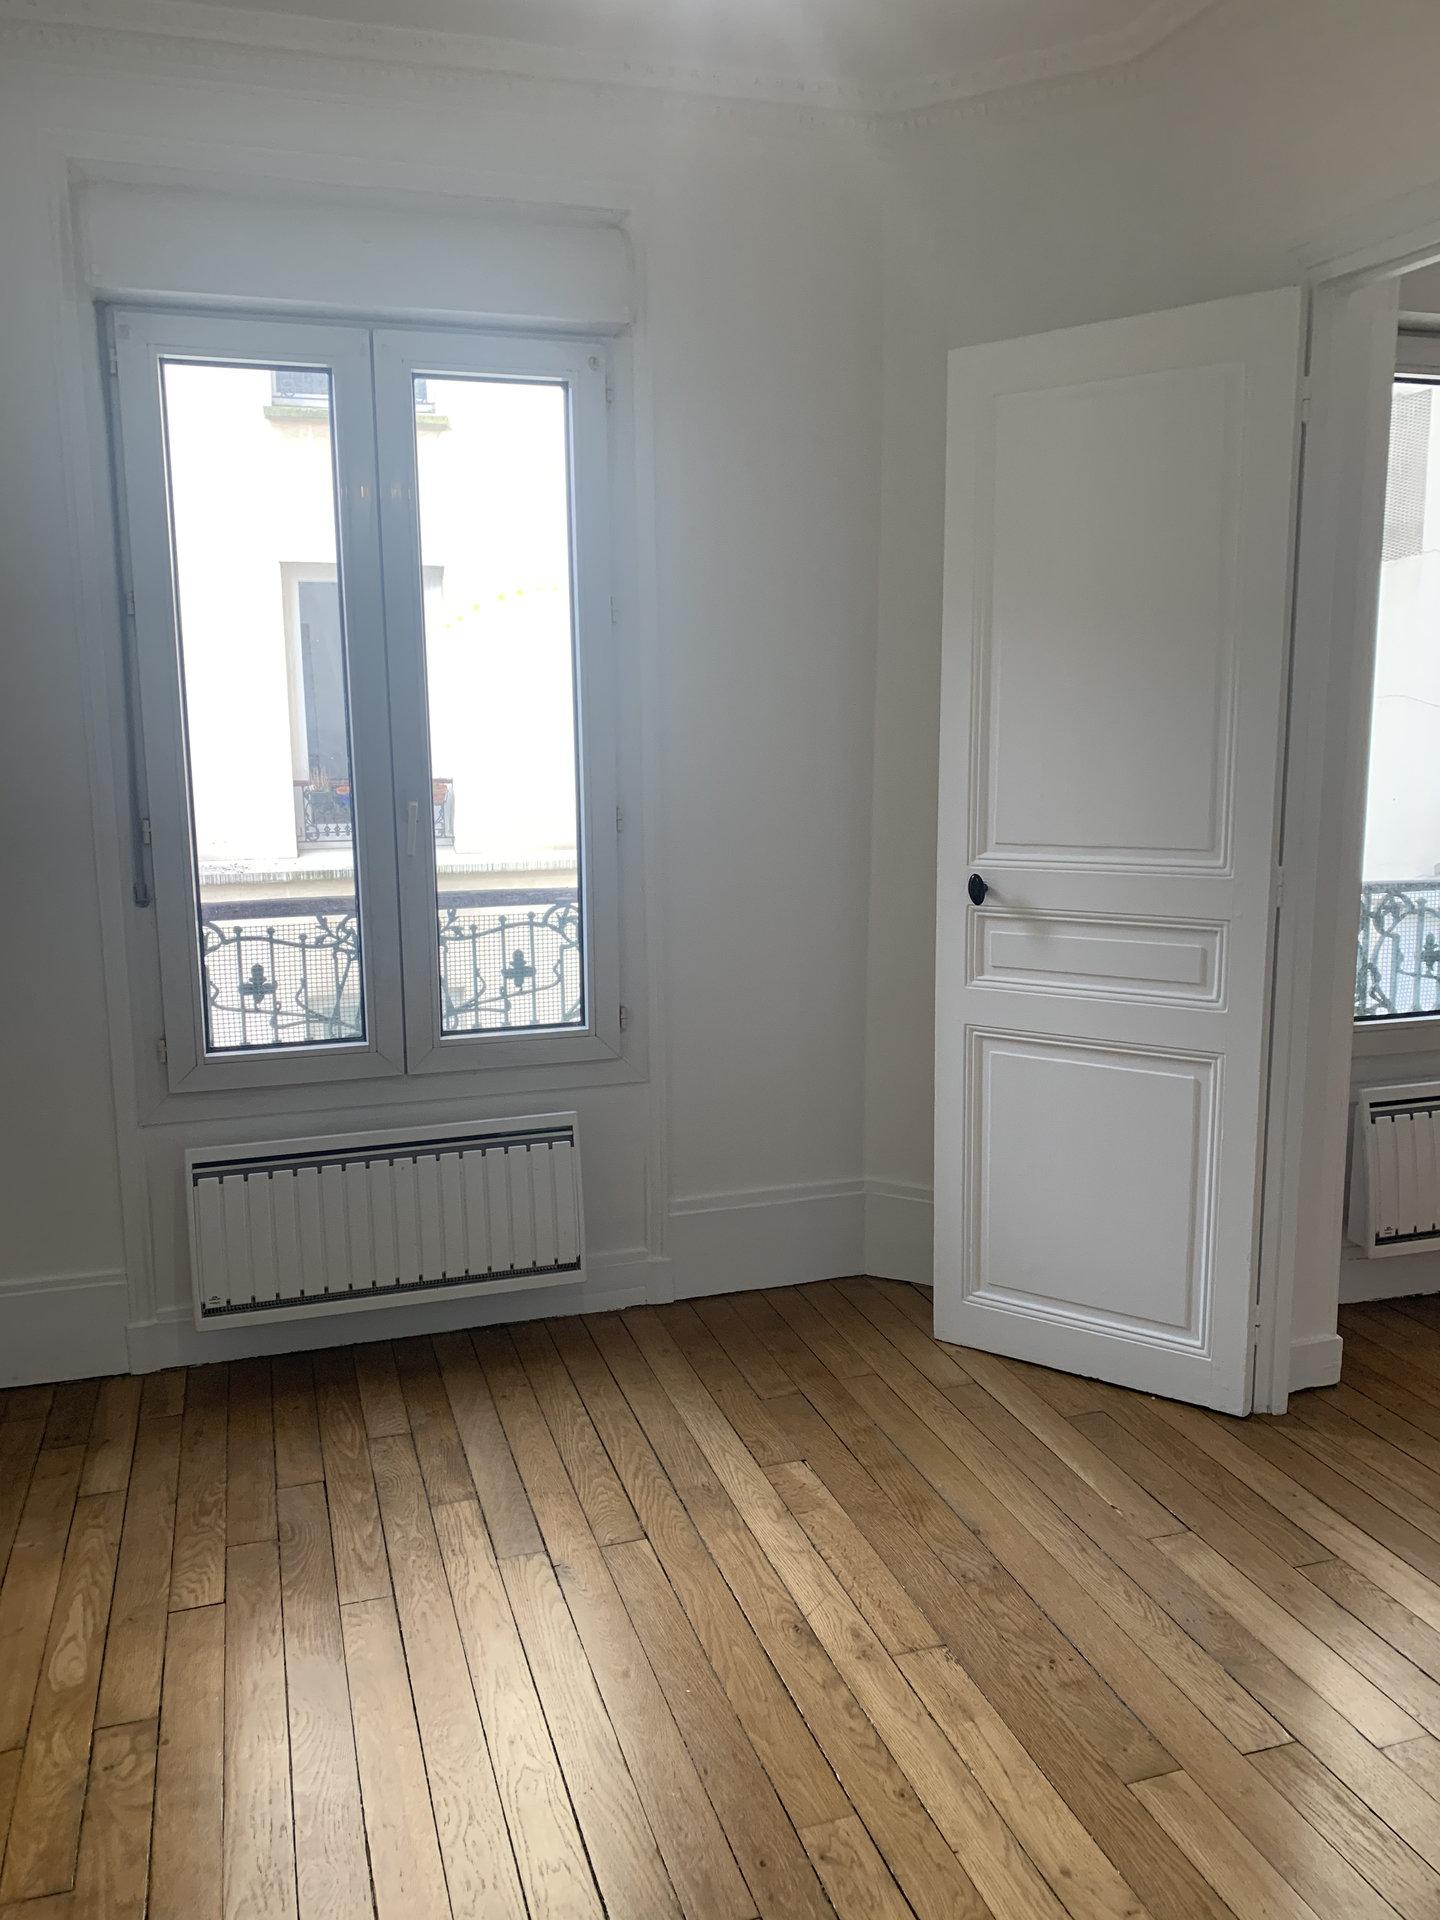 Paris - XIV ème - Rue Poirier de Narcay - 3 PIÈCES  EN ÉTOILE - 2 CHAMBRES - TRAVERSANT -  LUMIERE - CACHET MANIFESTE.